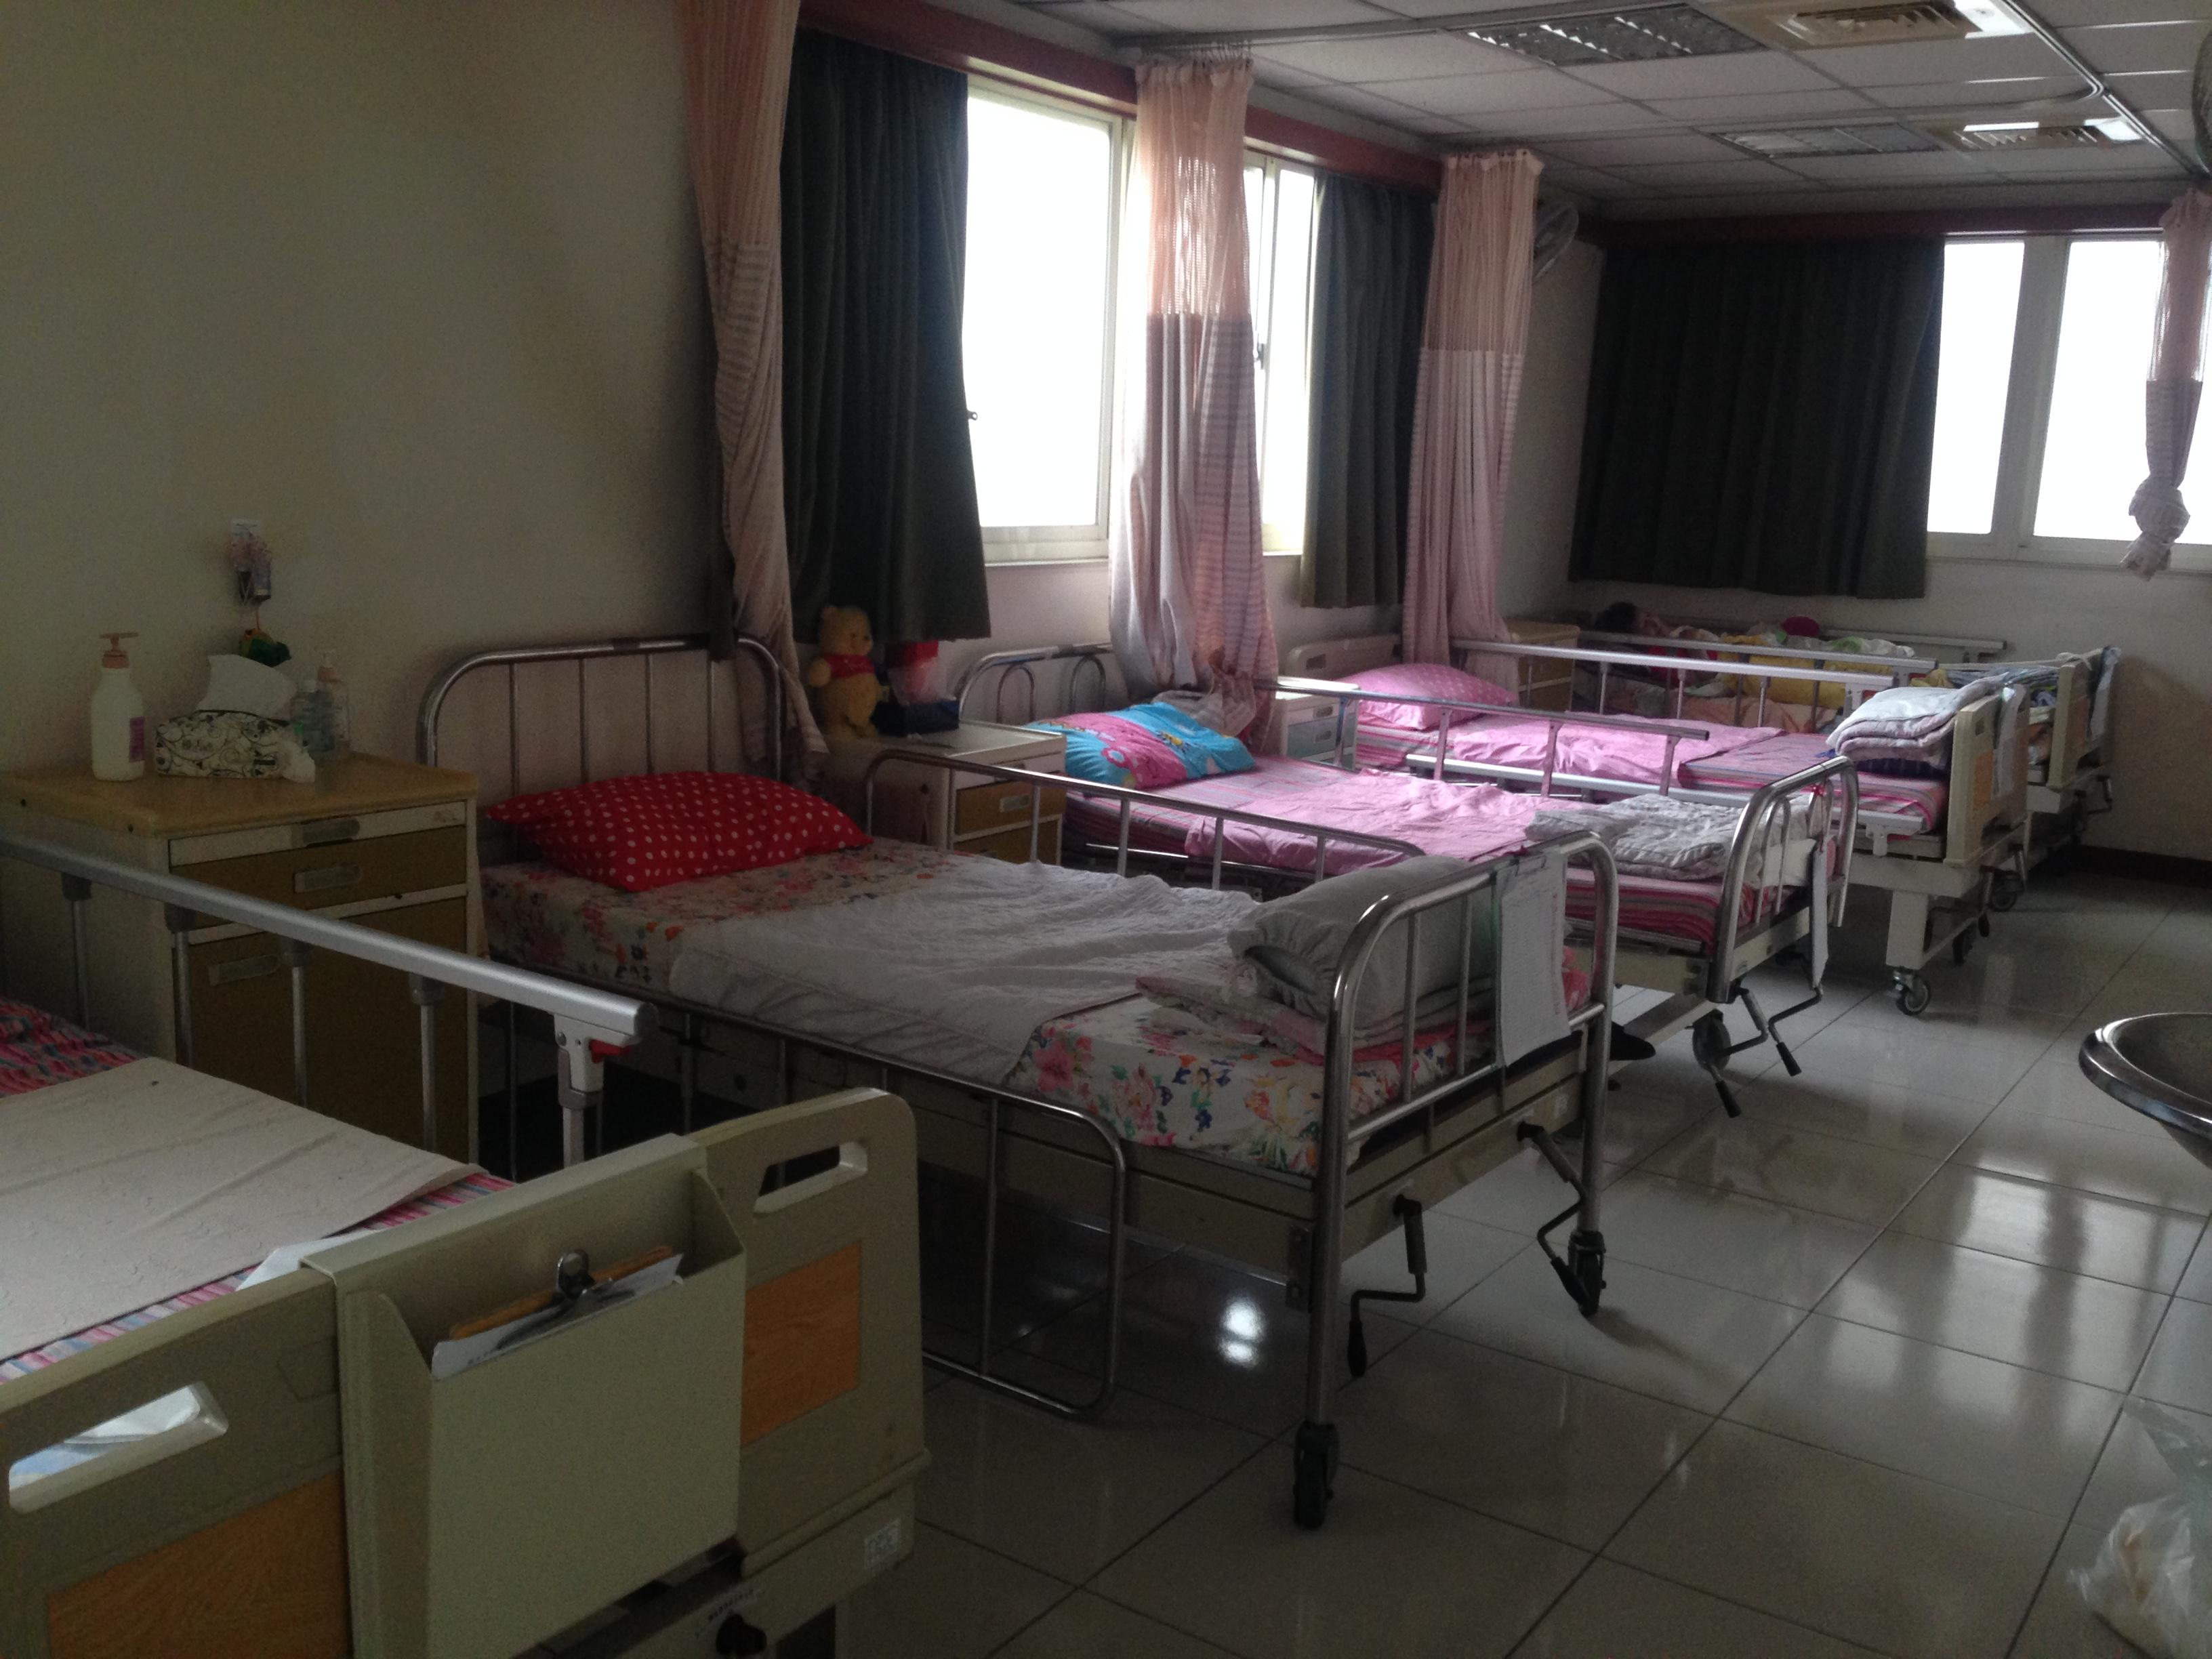 能依護理人員的人數,對收容老人的床數做增減。(攝影/許毓珊)